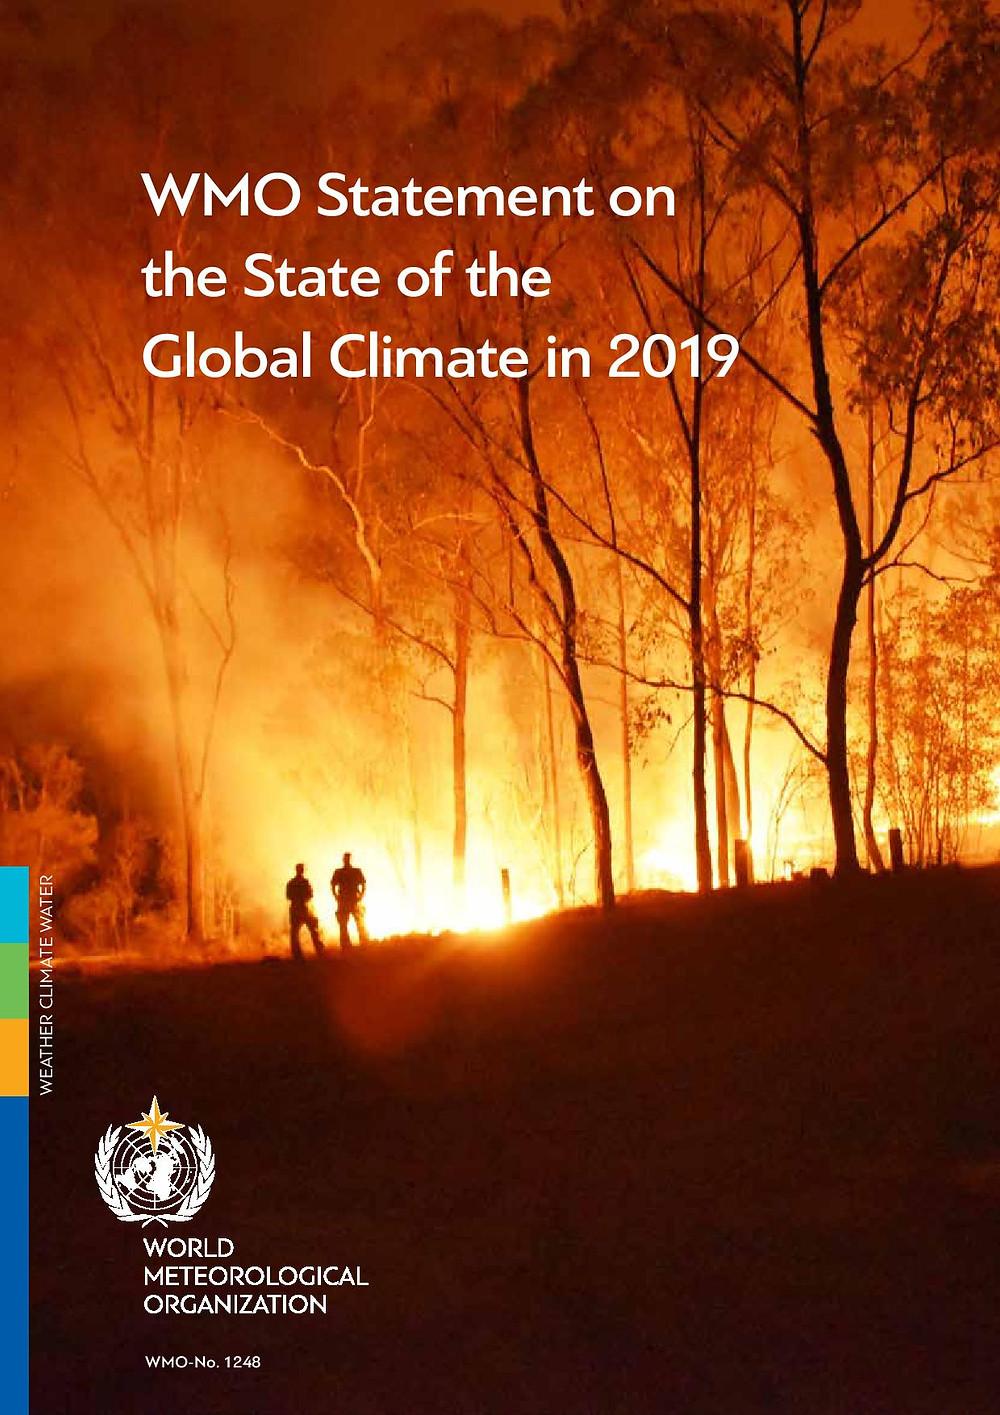 Déclaration sur l'état du climat global en 2019.